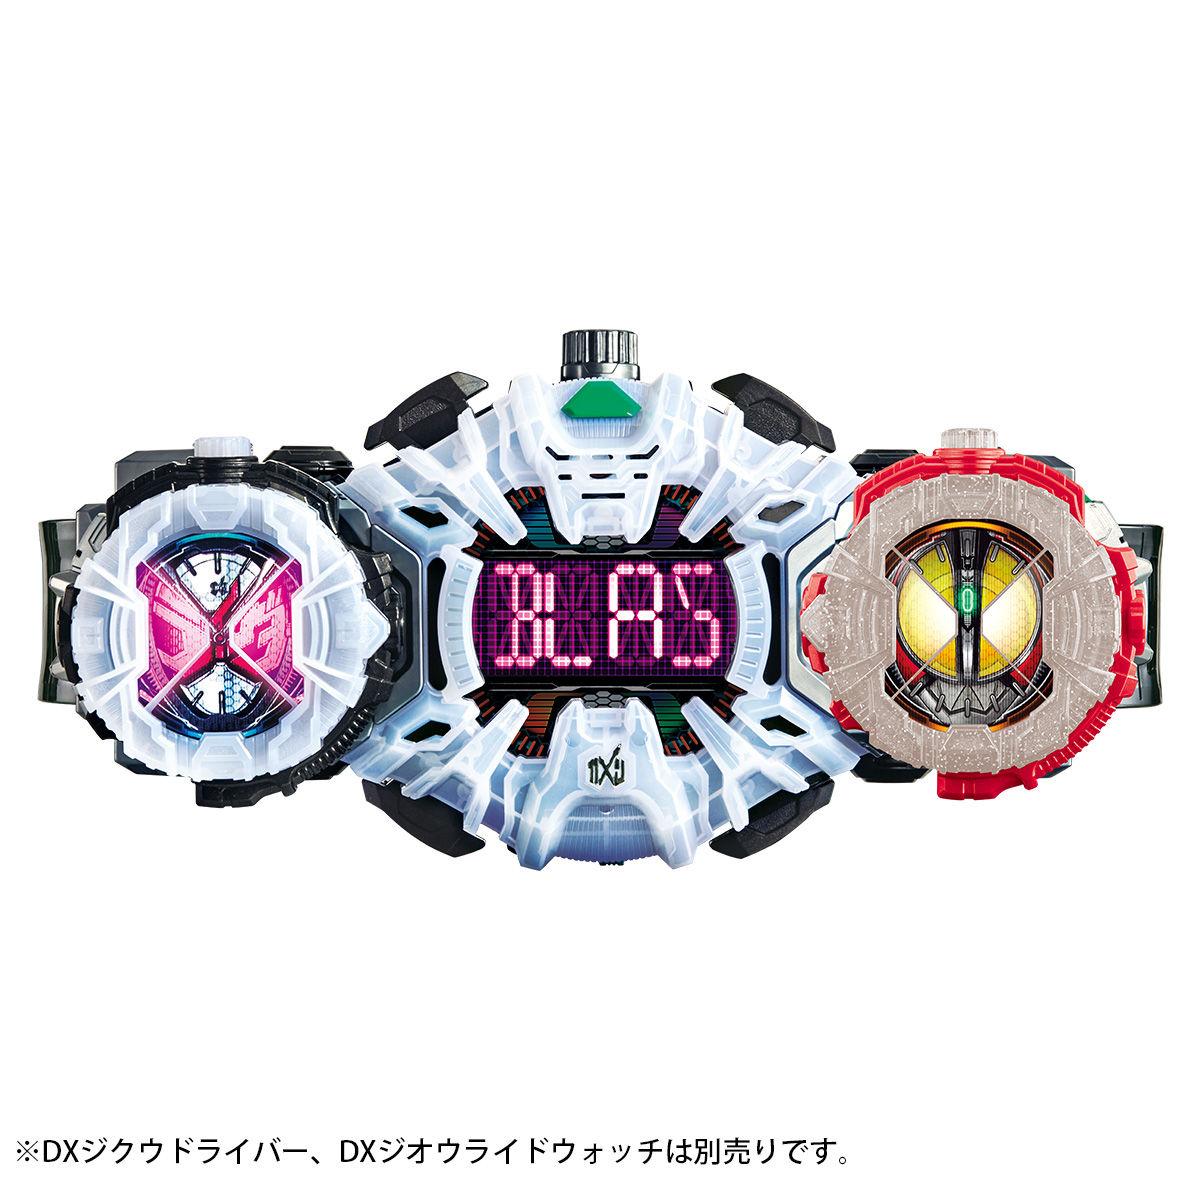 仮面ライダージオウ『DXライドウォッチセットVOL.2』変身なりきり-006